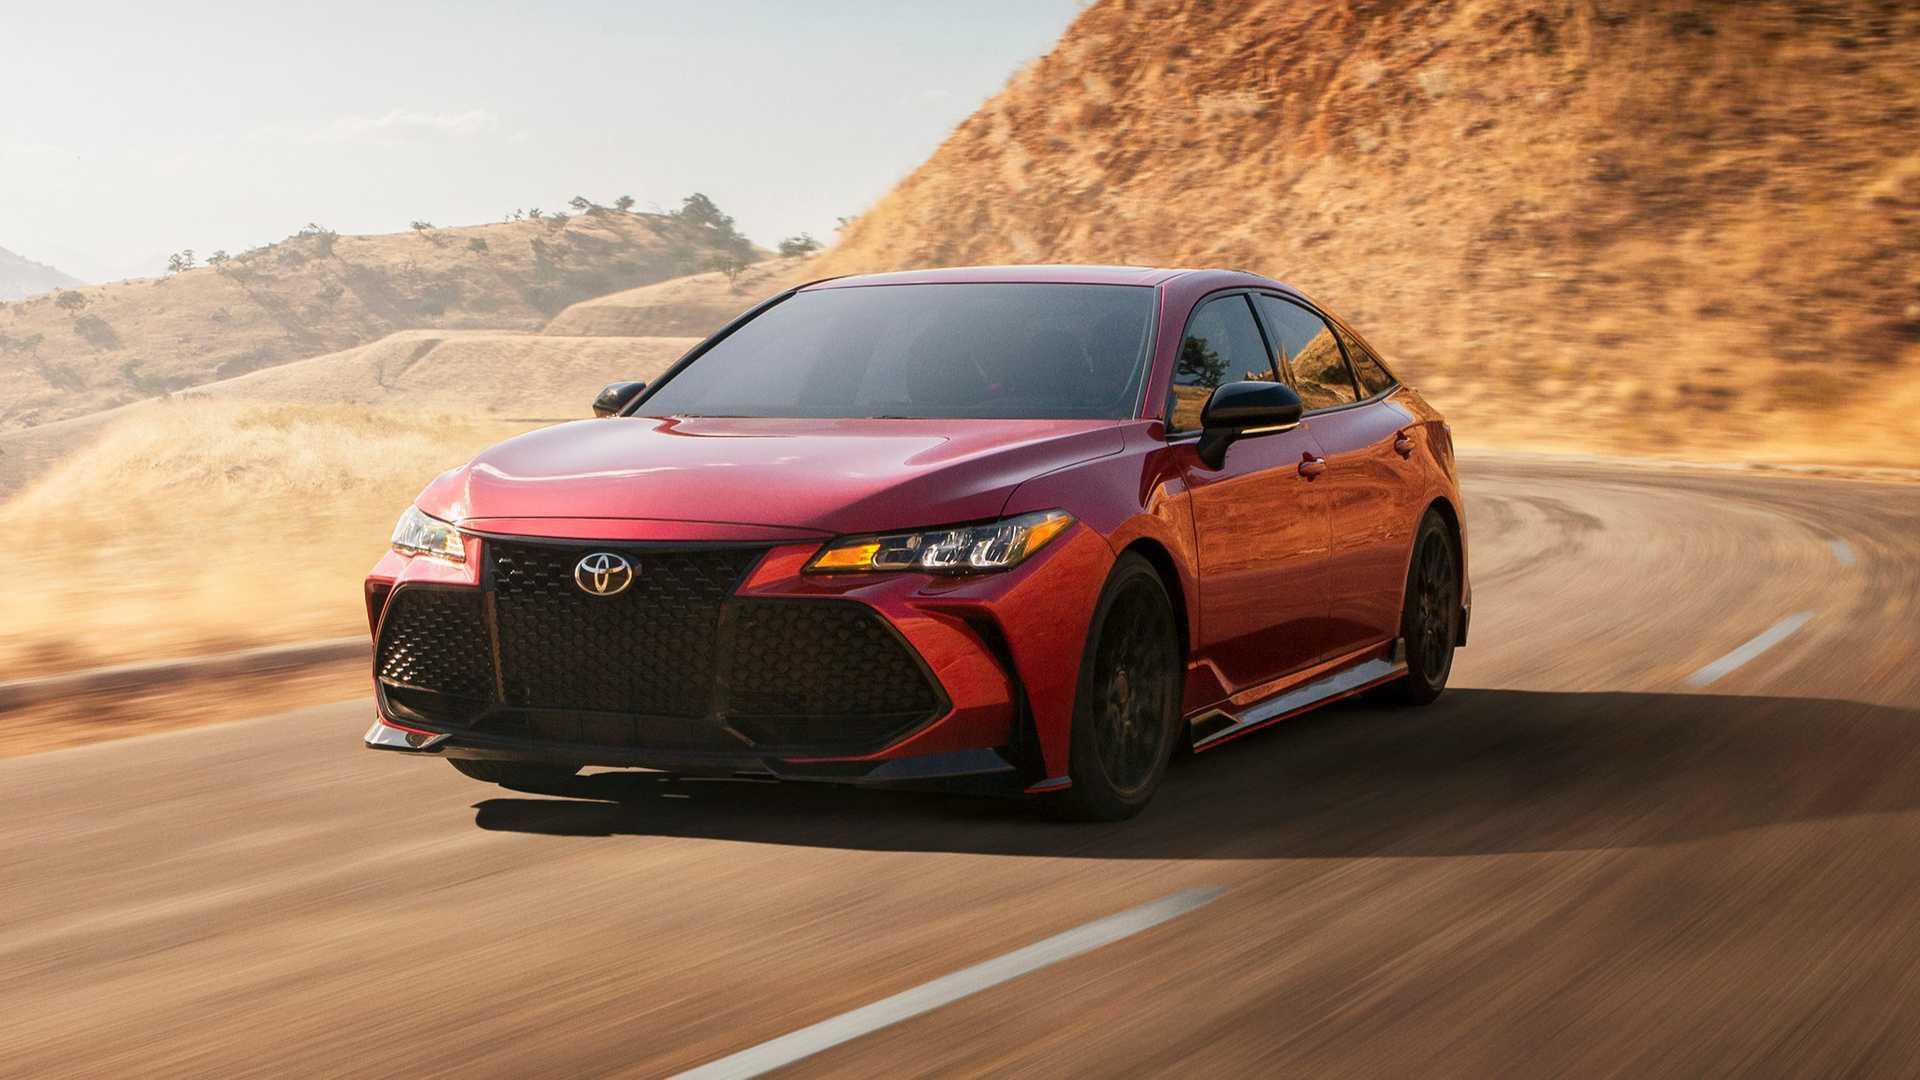 Sedan Toyota Avalon TRD 2020 phiên bản thể thao vừa ra mắt có giá 1 tỉ đồng - 9